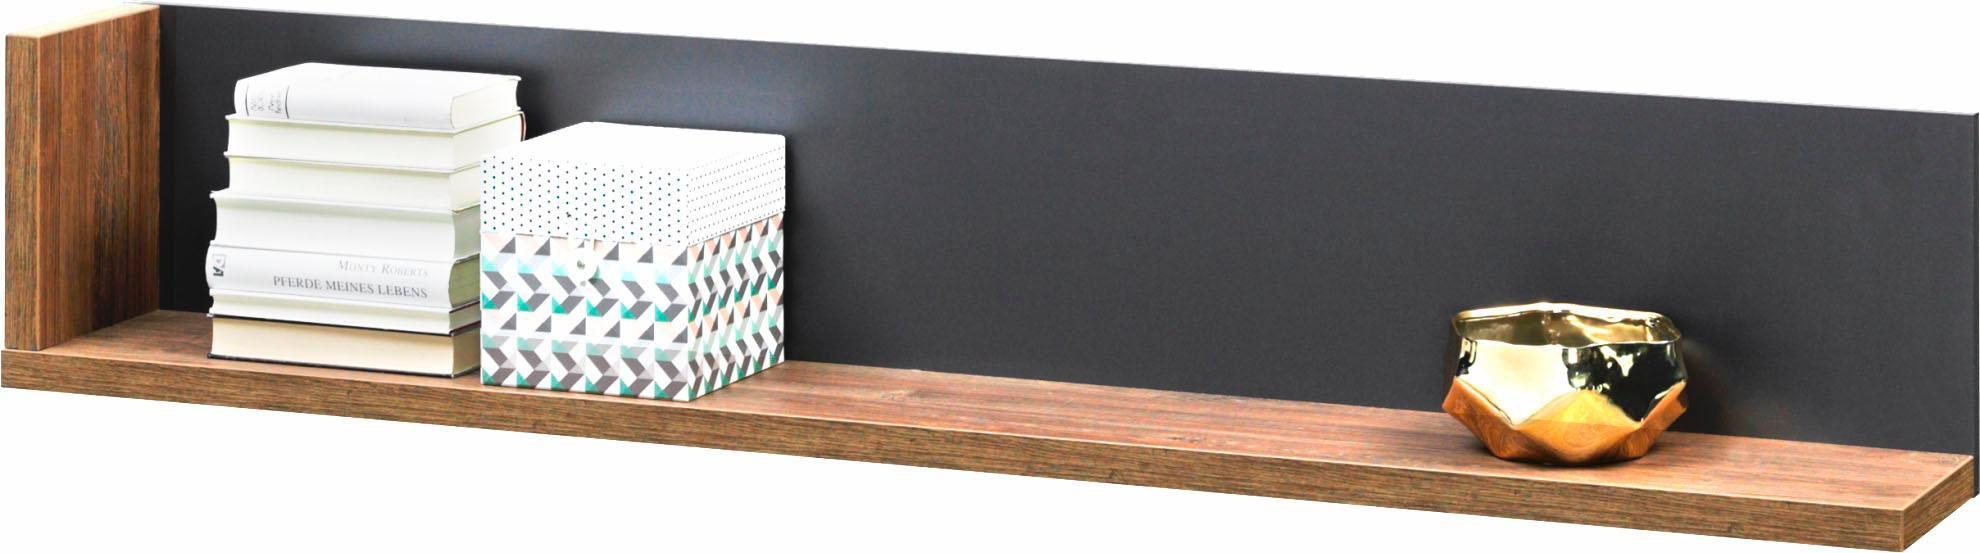 CS SCHMAL CS Schmal Wandboard »MY Ell«, Breite 157 cm